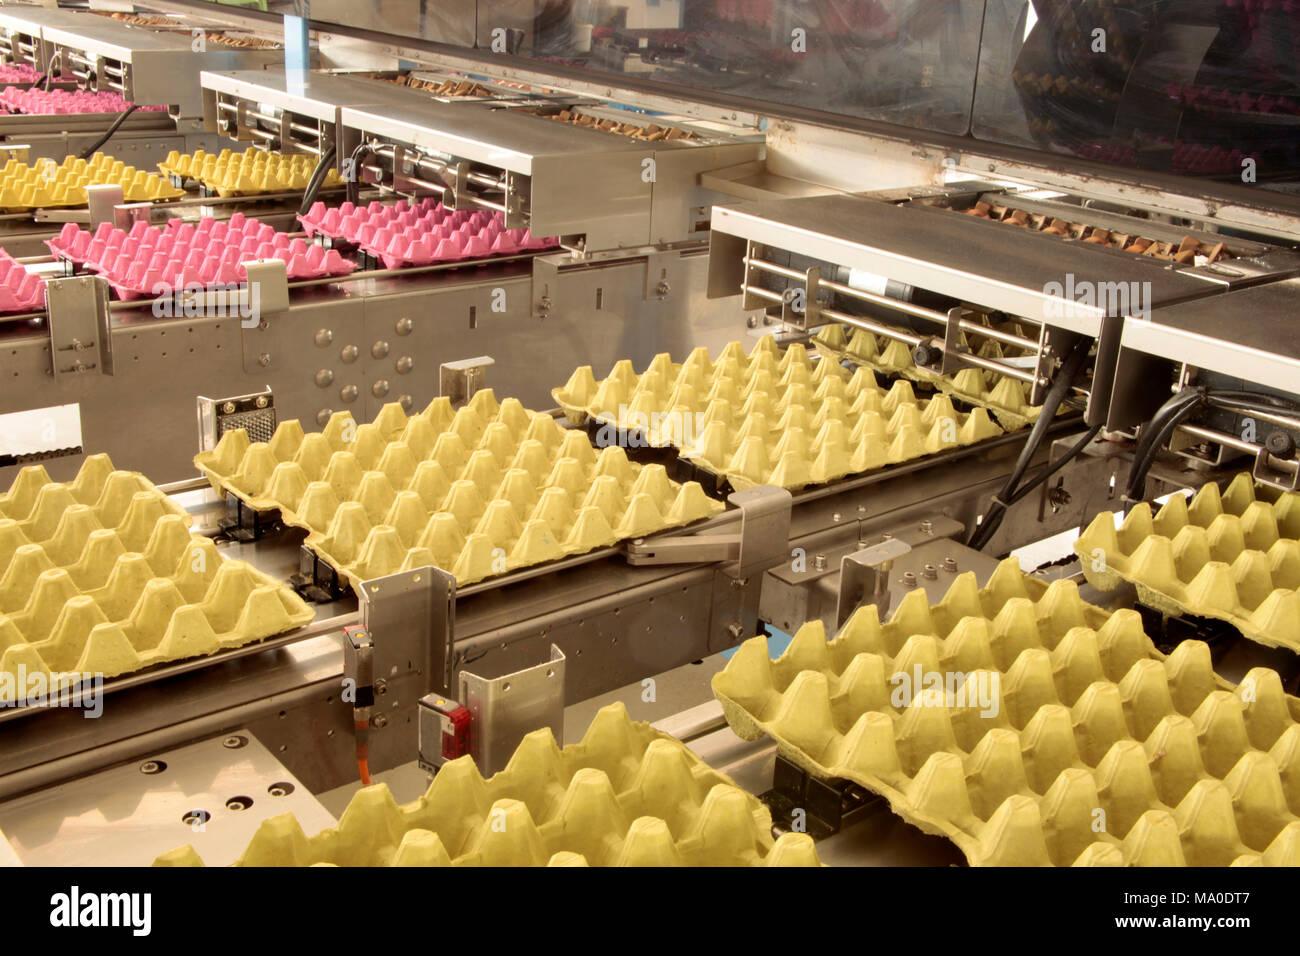 Egg Carton Stock Photo